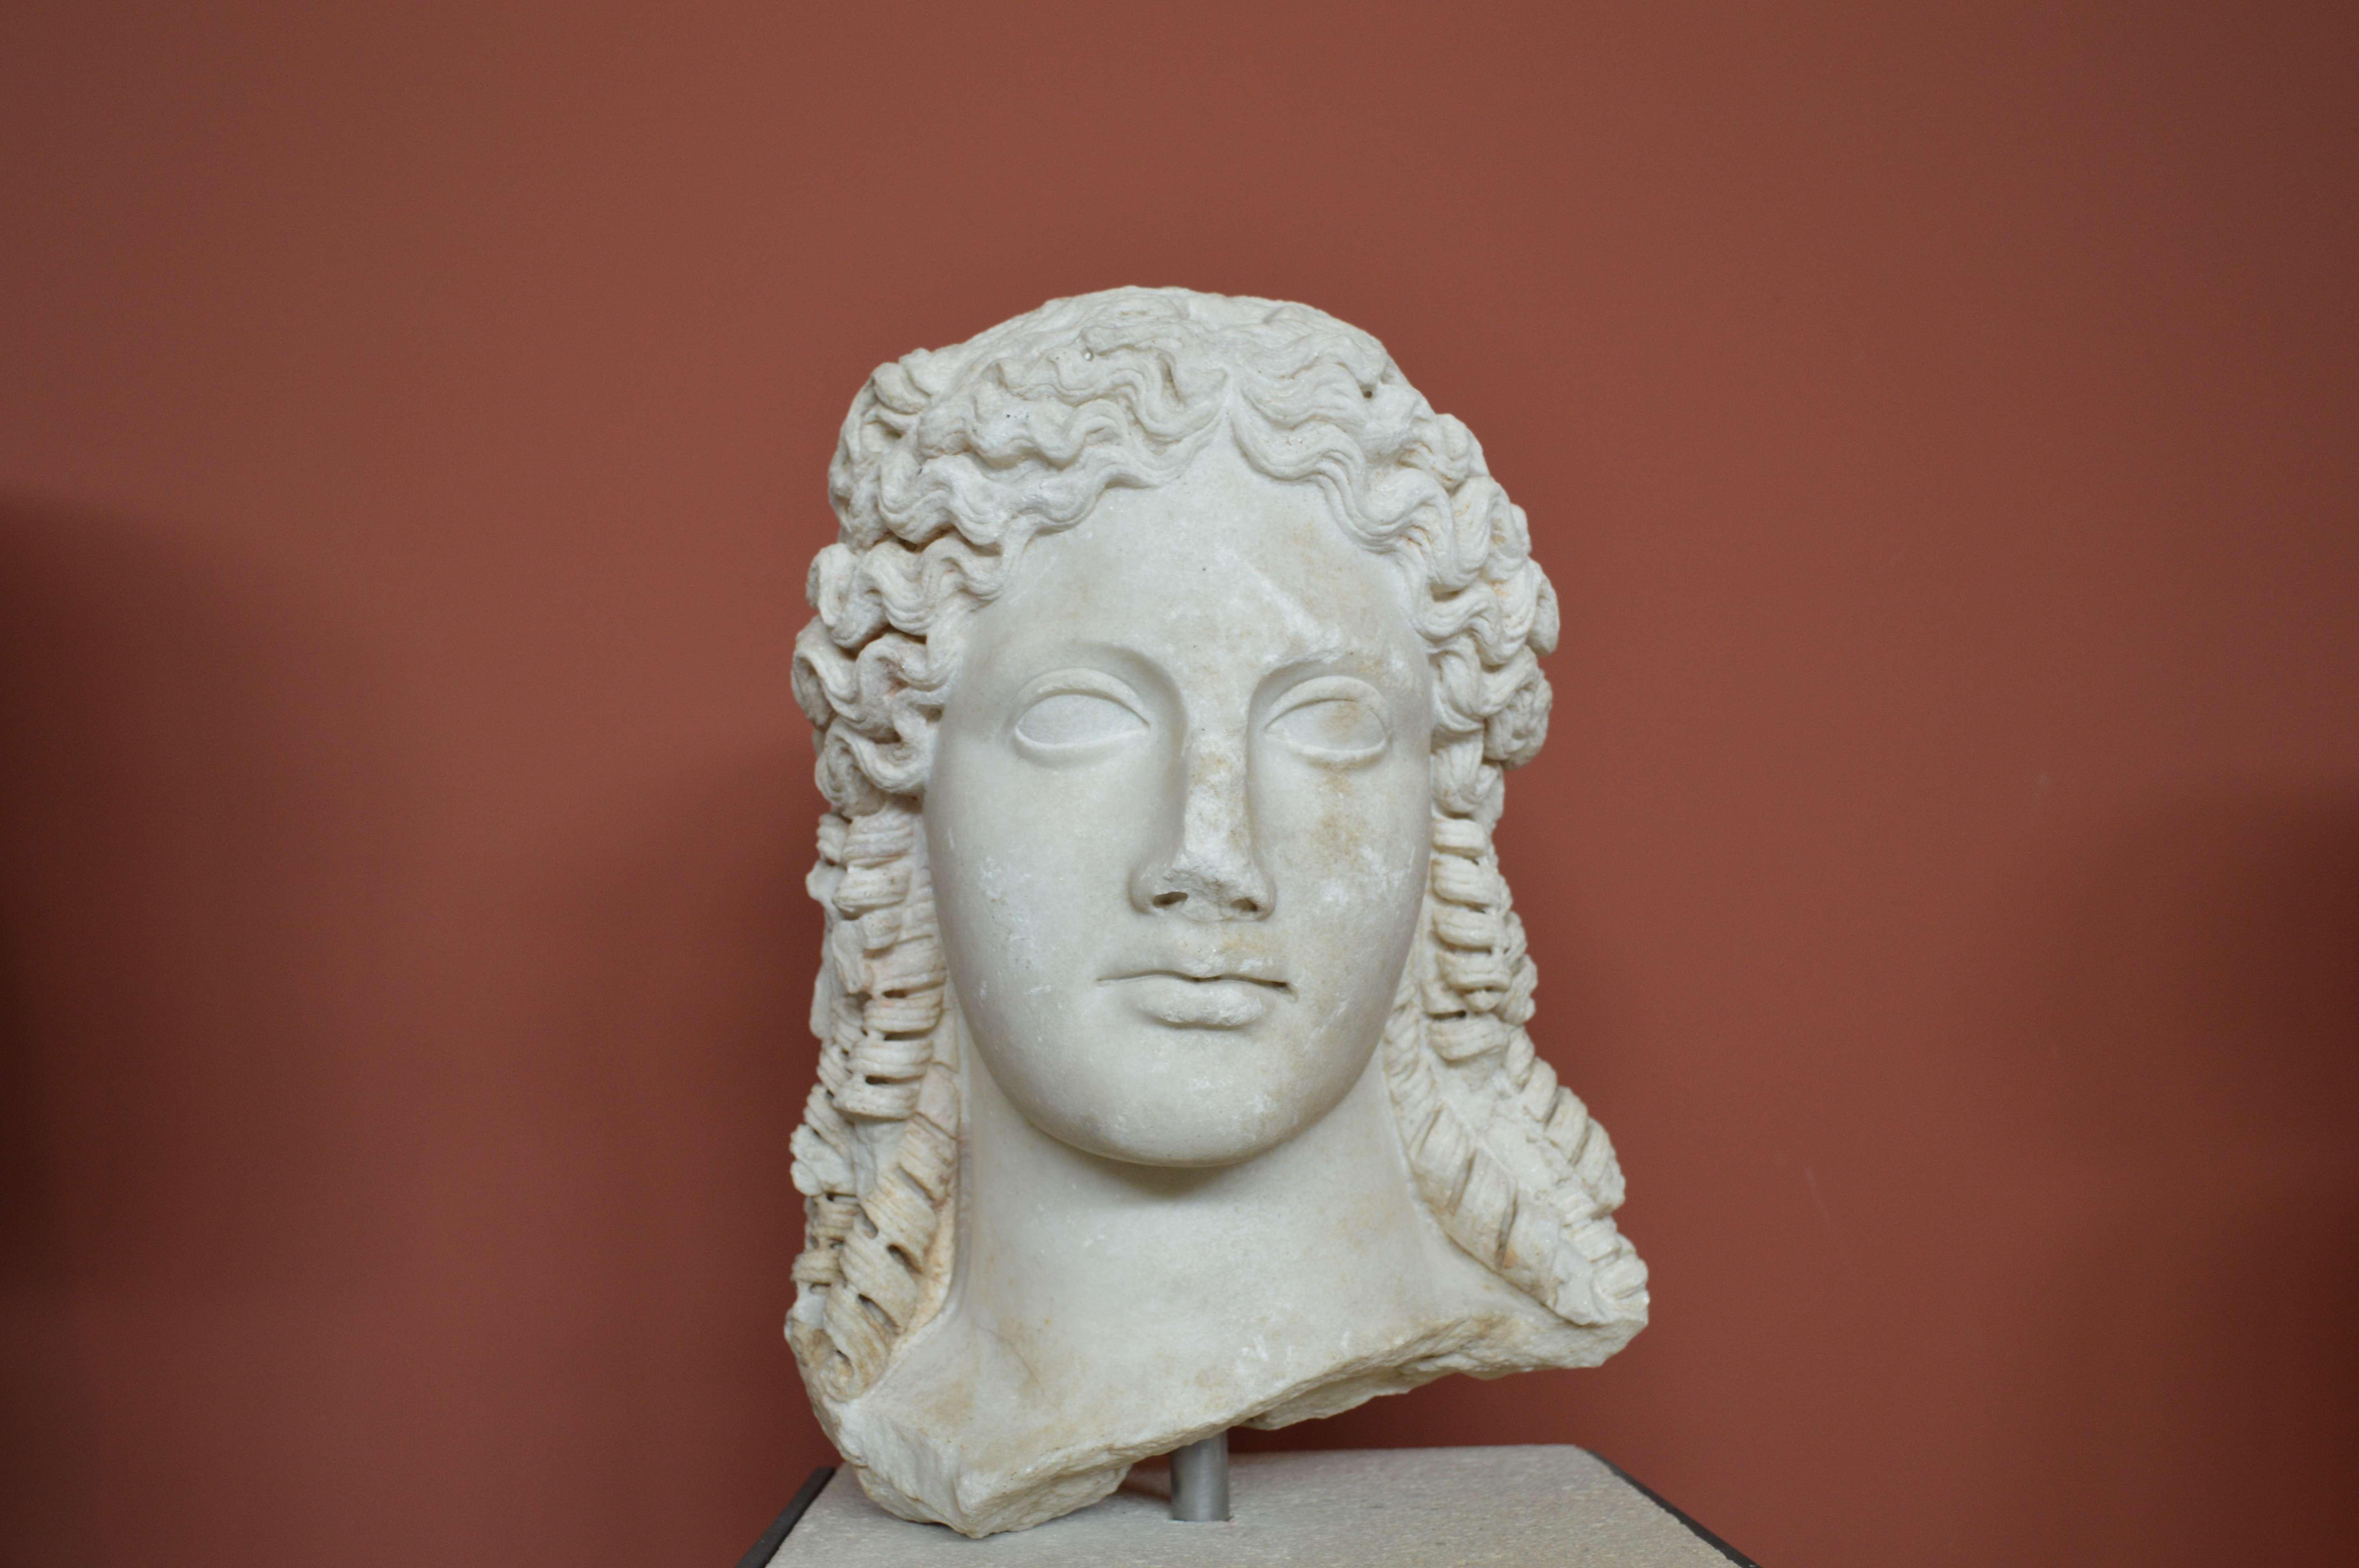 Κεφάλι από λατρευτικό άγαλμα της Ίσιδας. Αρχαιολογικό Μουσείο Θεσσαλονίκης